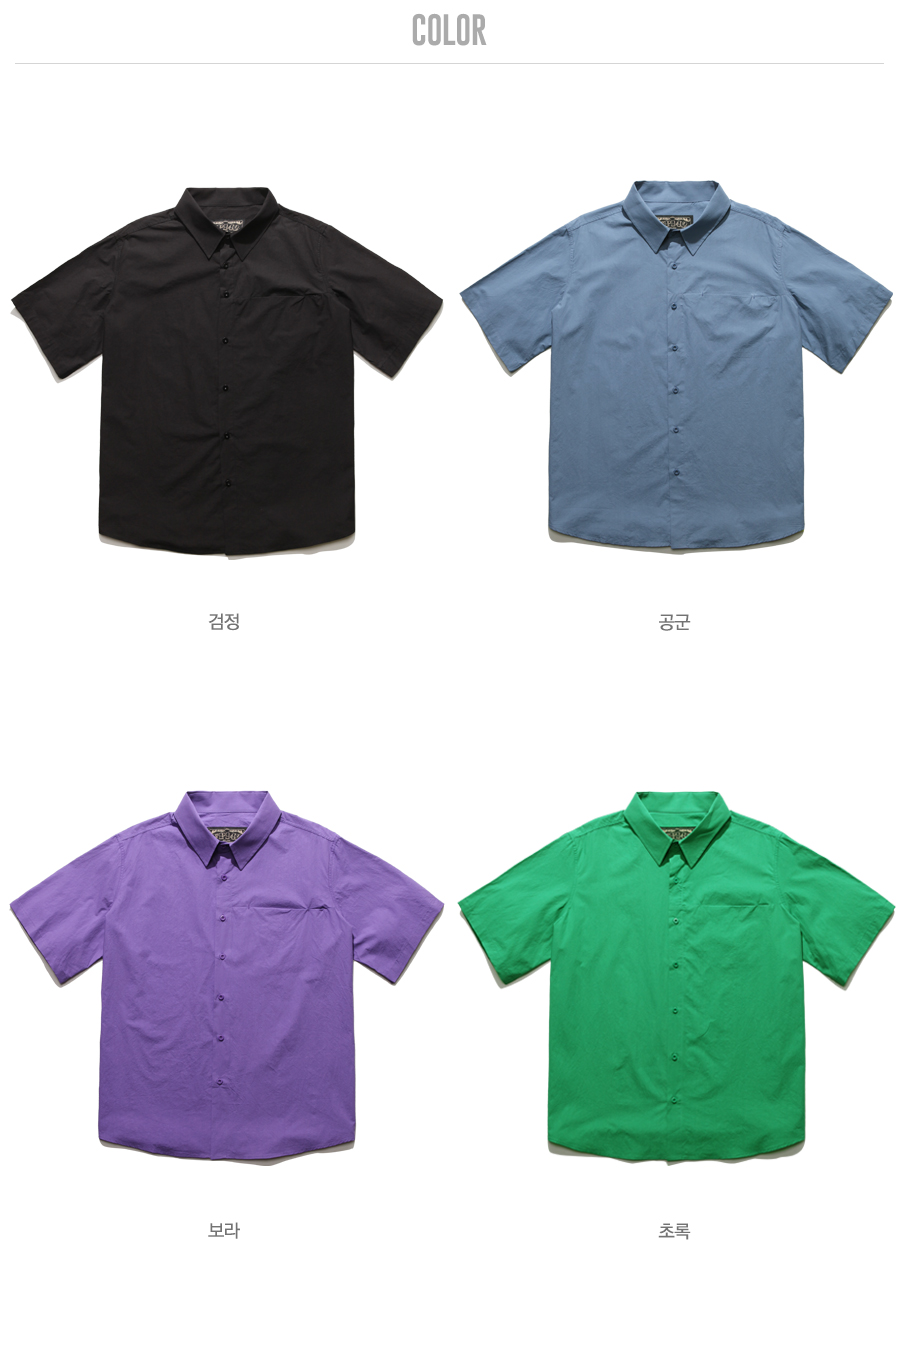 20180508_fp_slowtone_shirts_color_yr.jpg